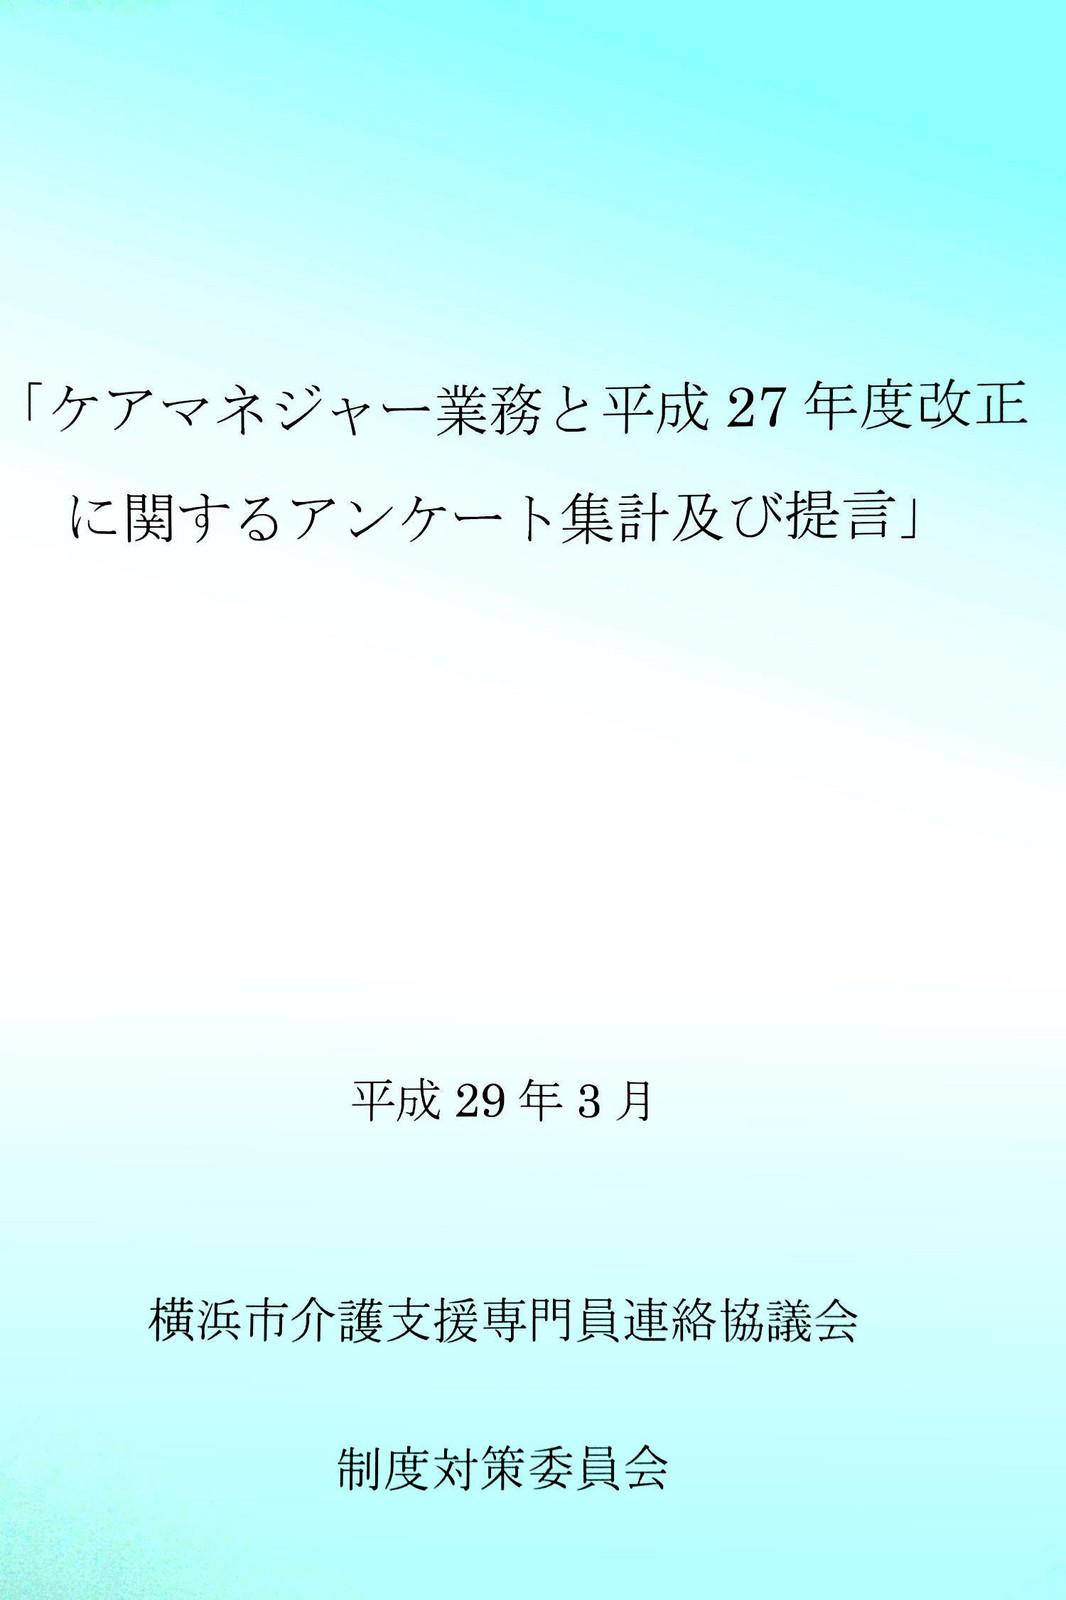 Dsc_0798